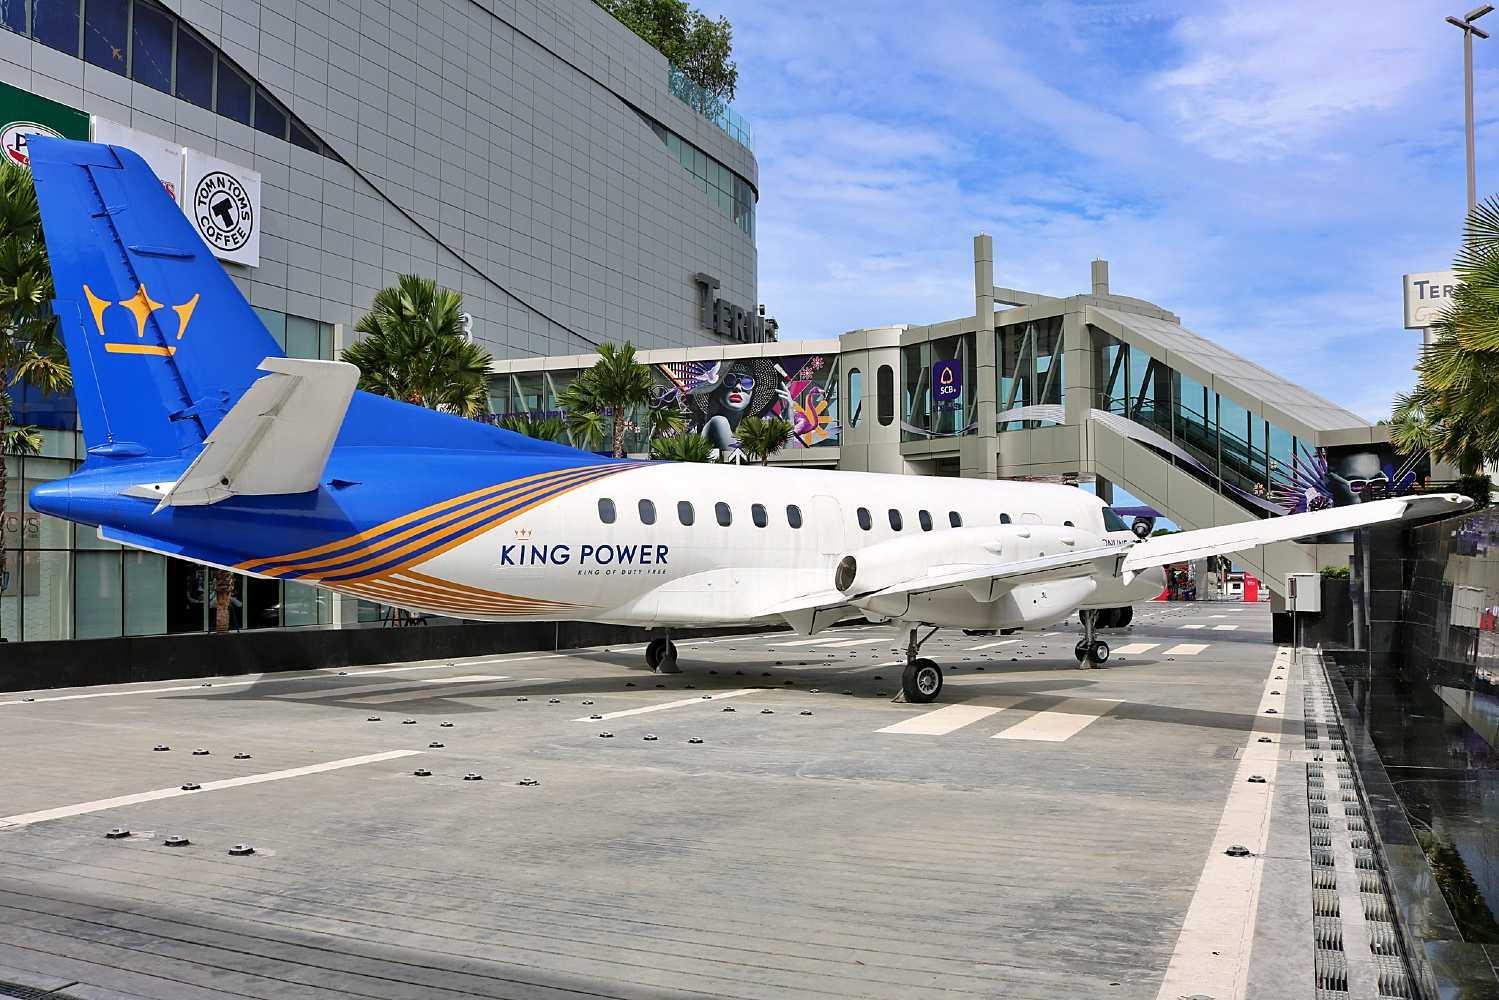 Vliegtuig op landingsbaan voor Terminal 21 in Pattaya